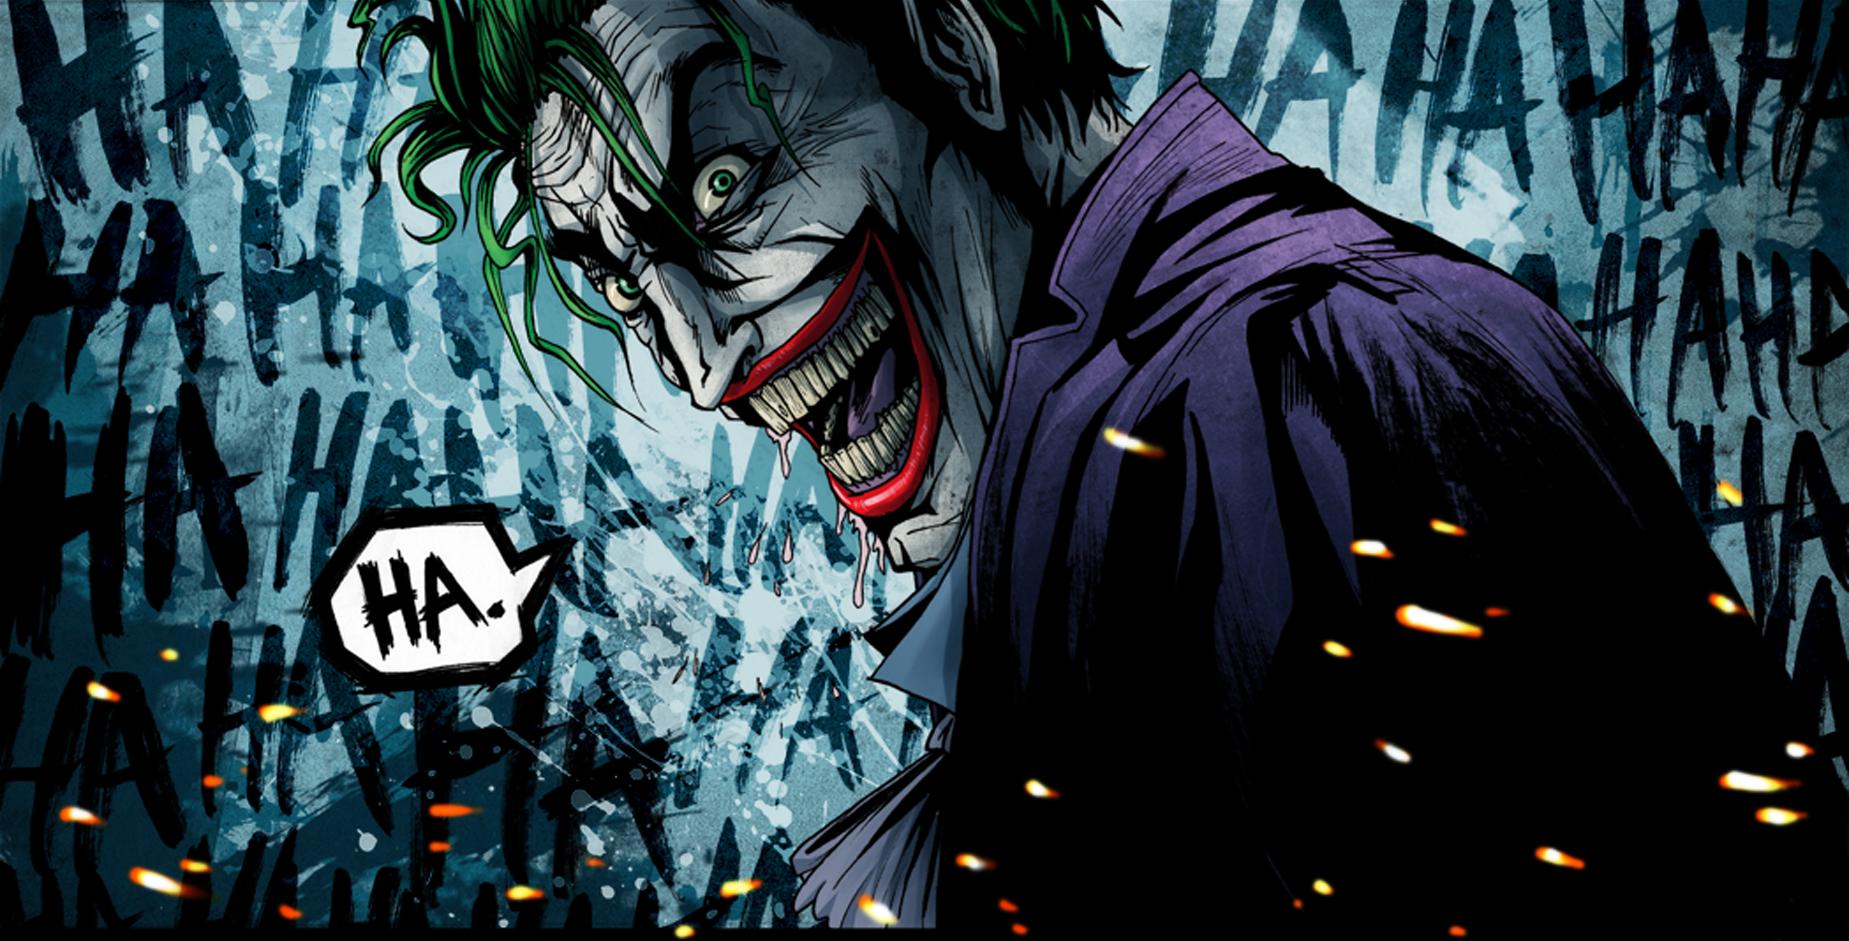 Joker fondo de pantalla and fondo de escritorio 1849x941 for Fondo de pantalla joker hd